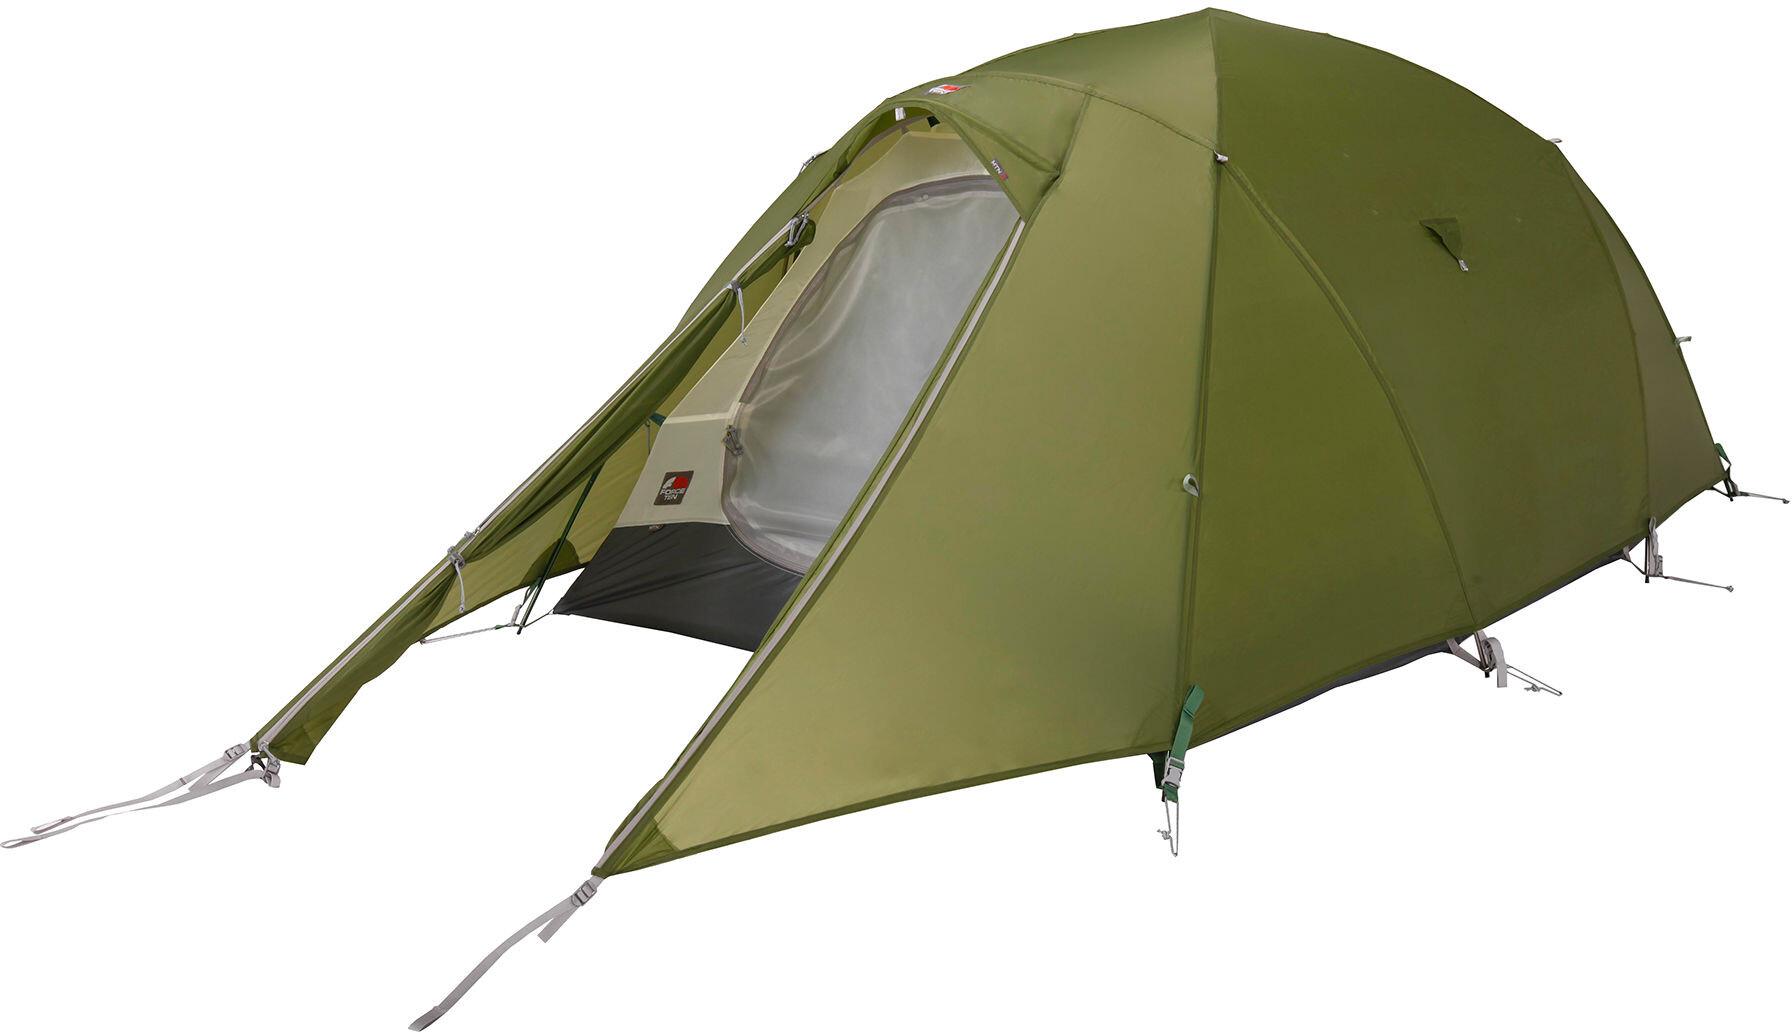 ii ii telt grønn Prissøk Gir deg laveste pris